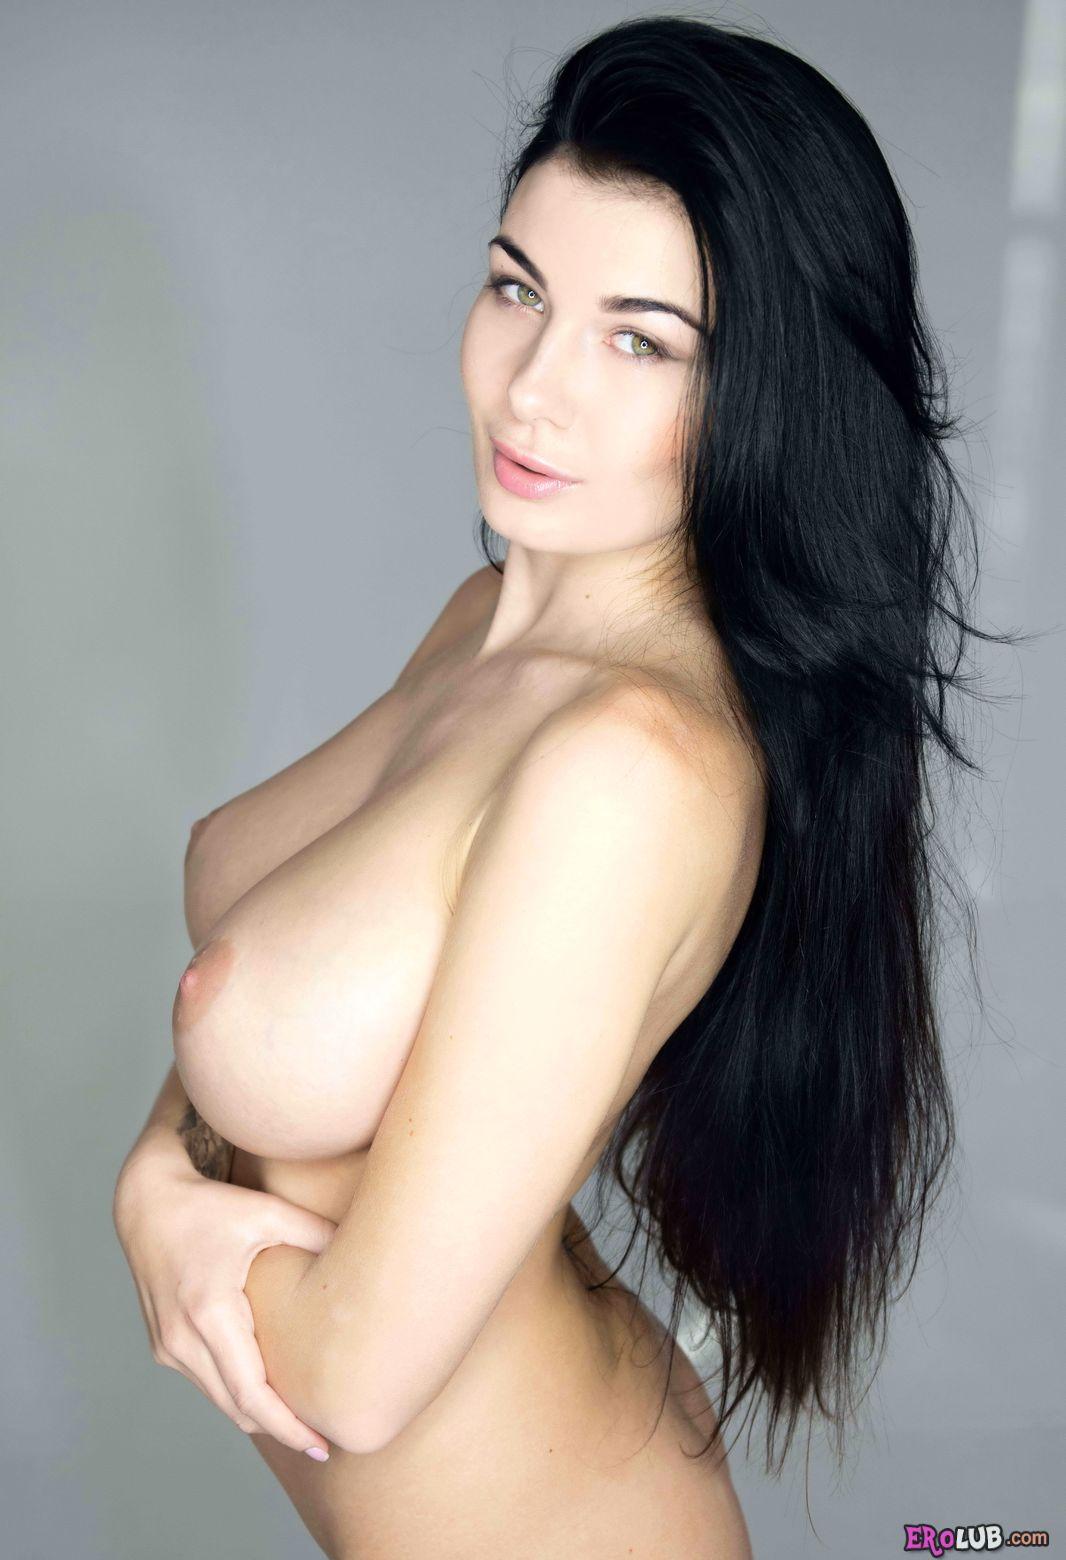 Смотреть порно с большими красивыми сиськами 24 фотография